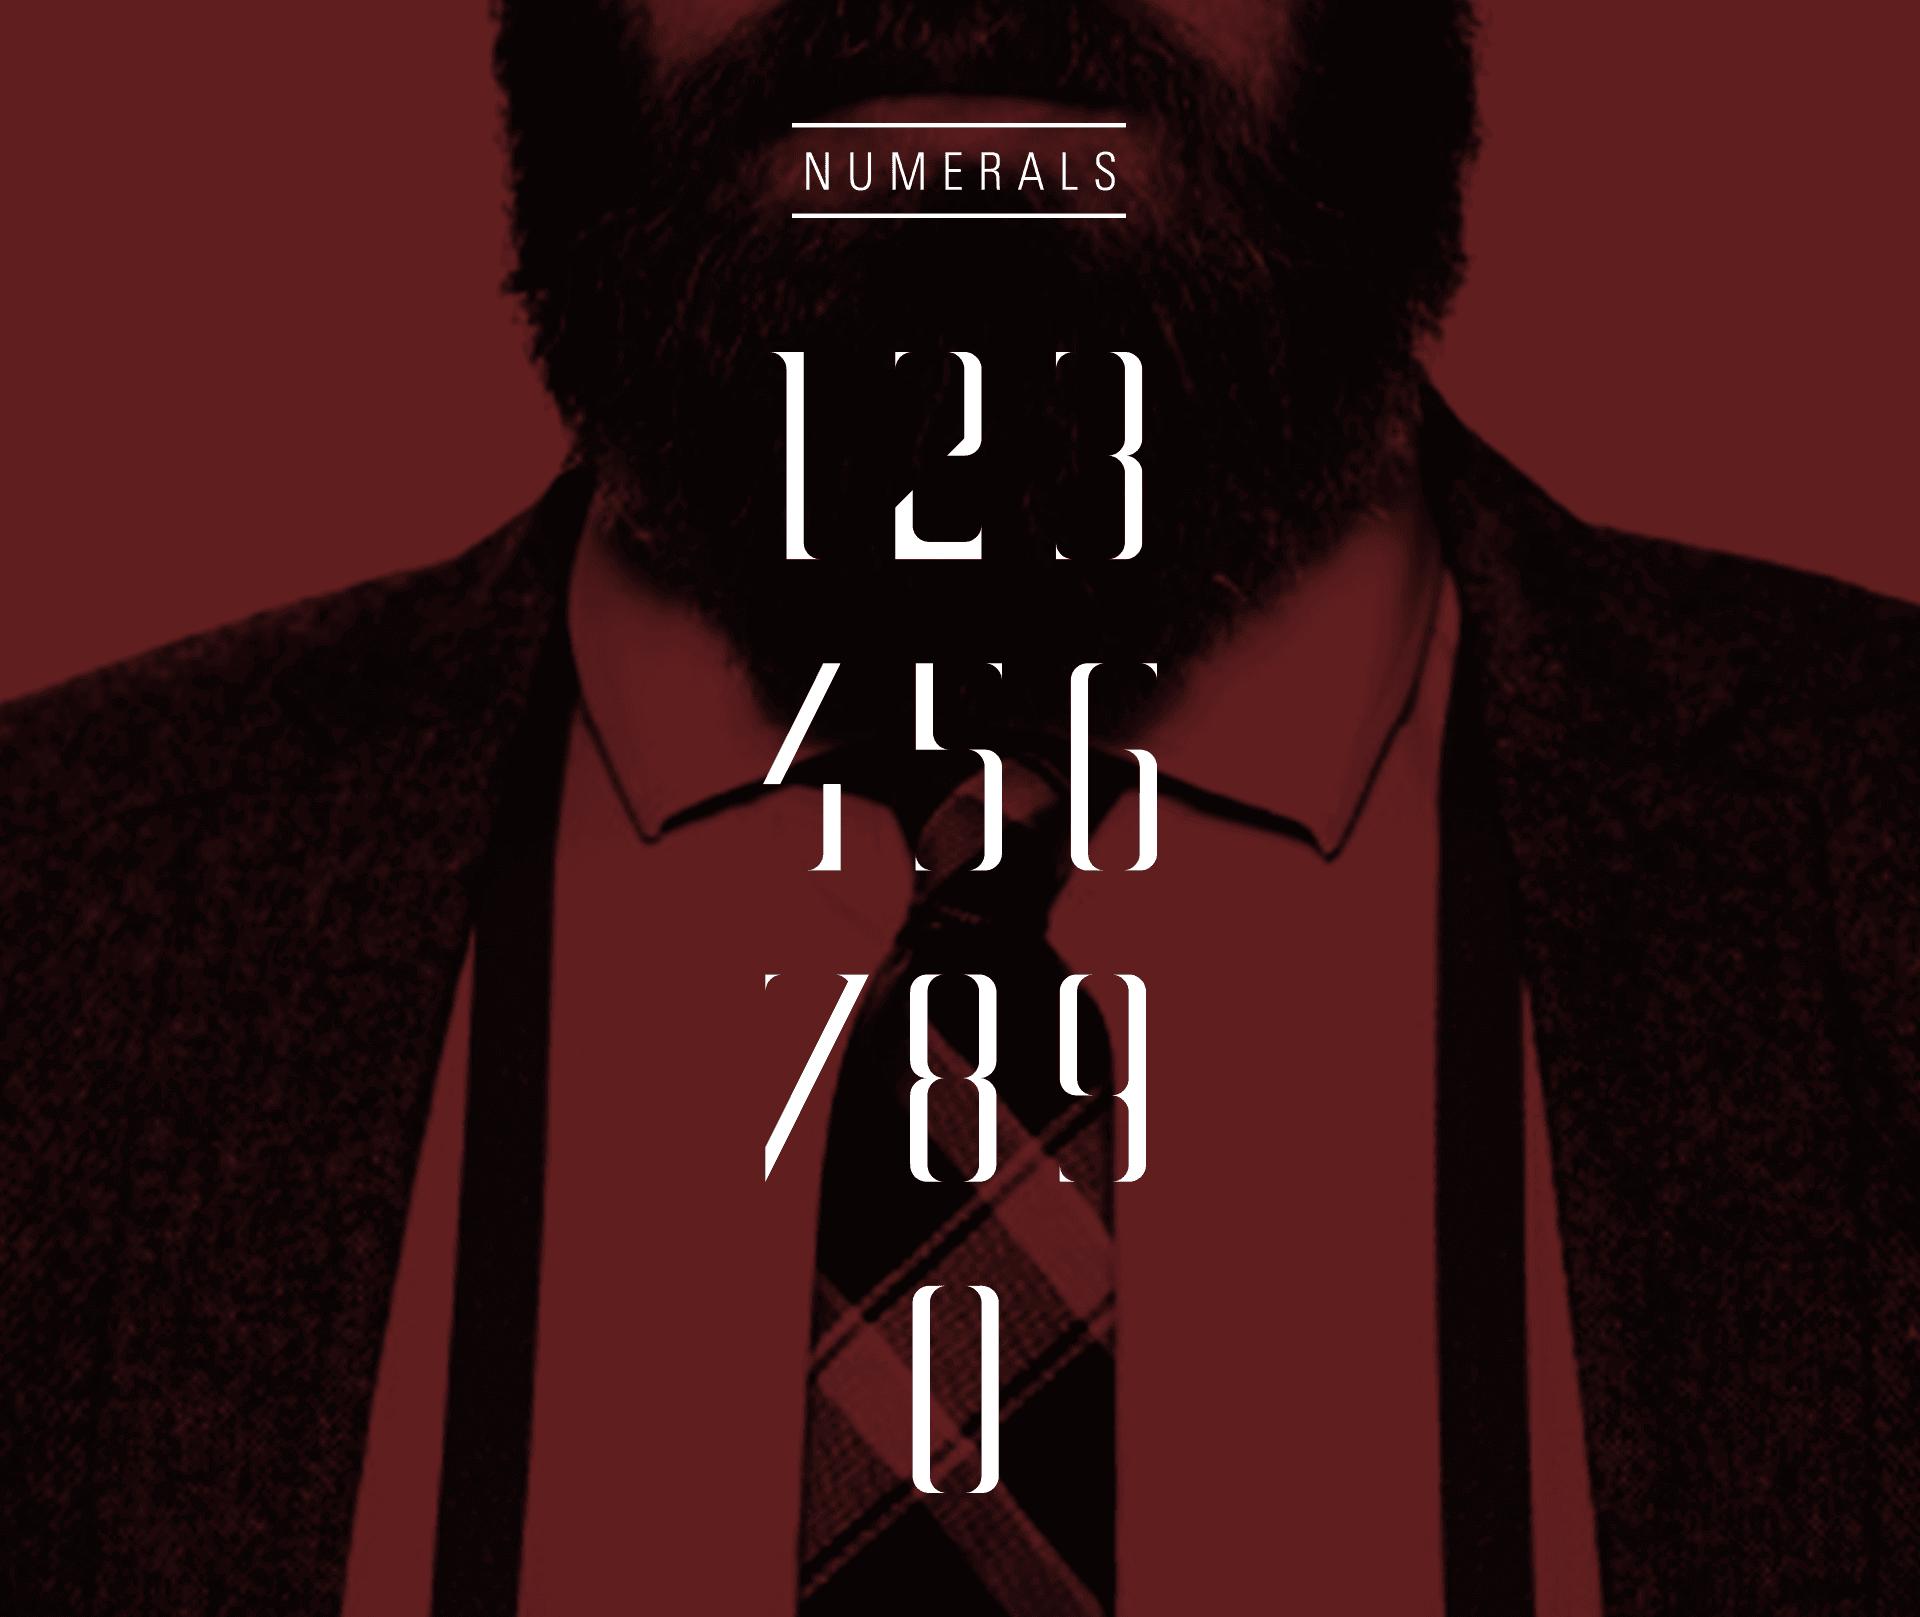 minutia-numerals